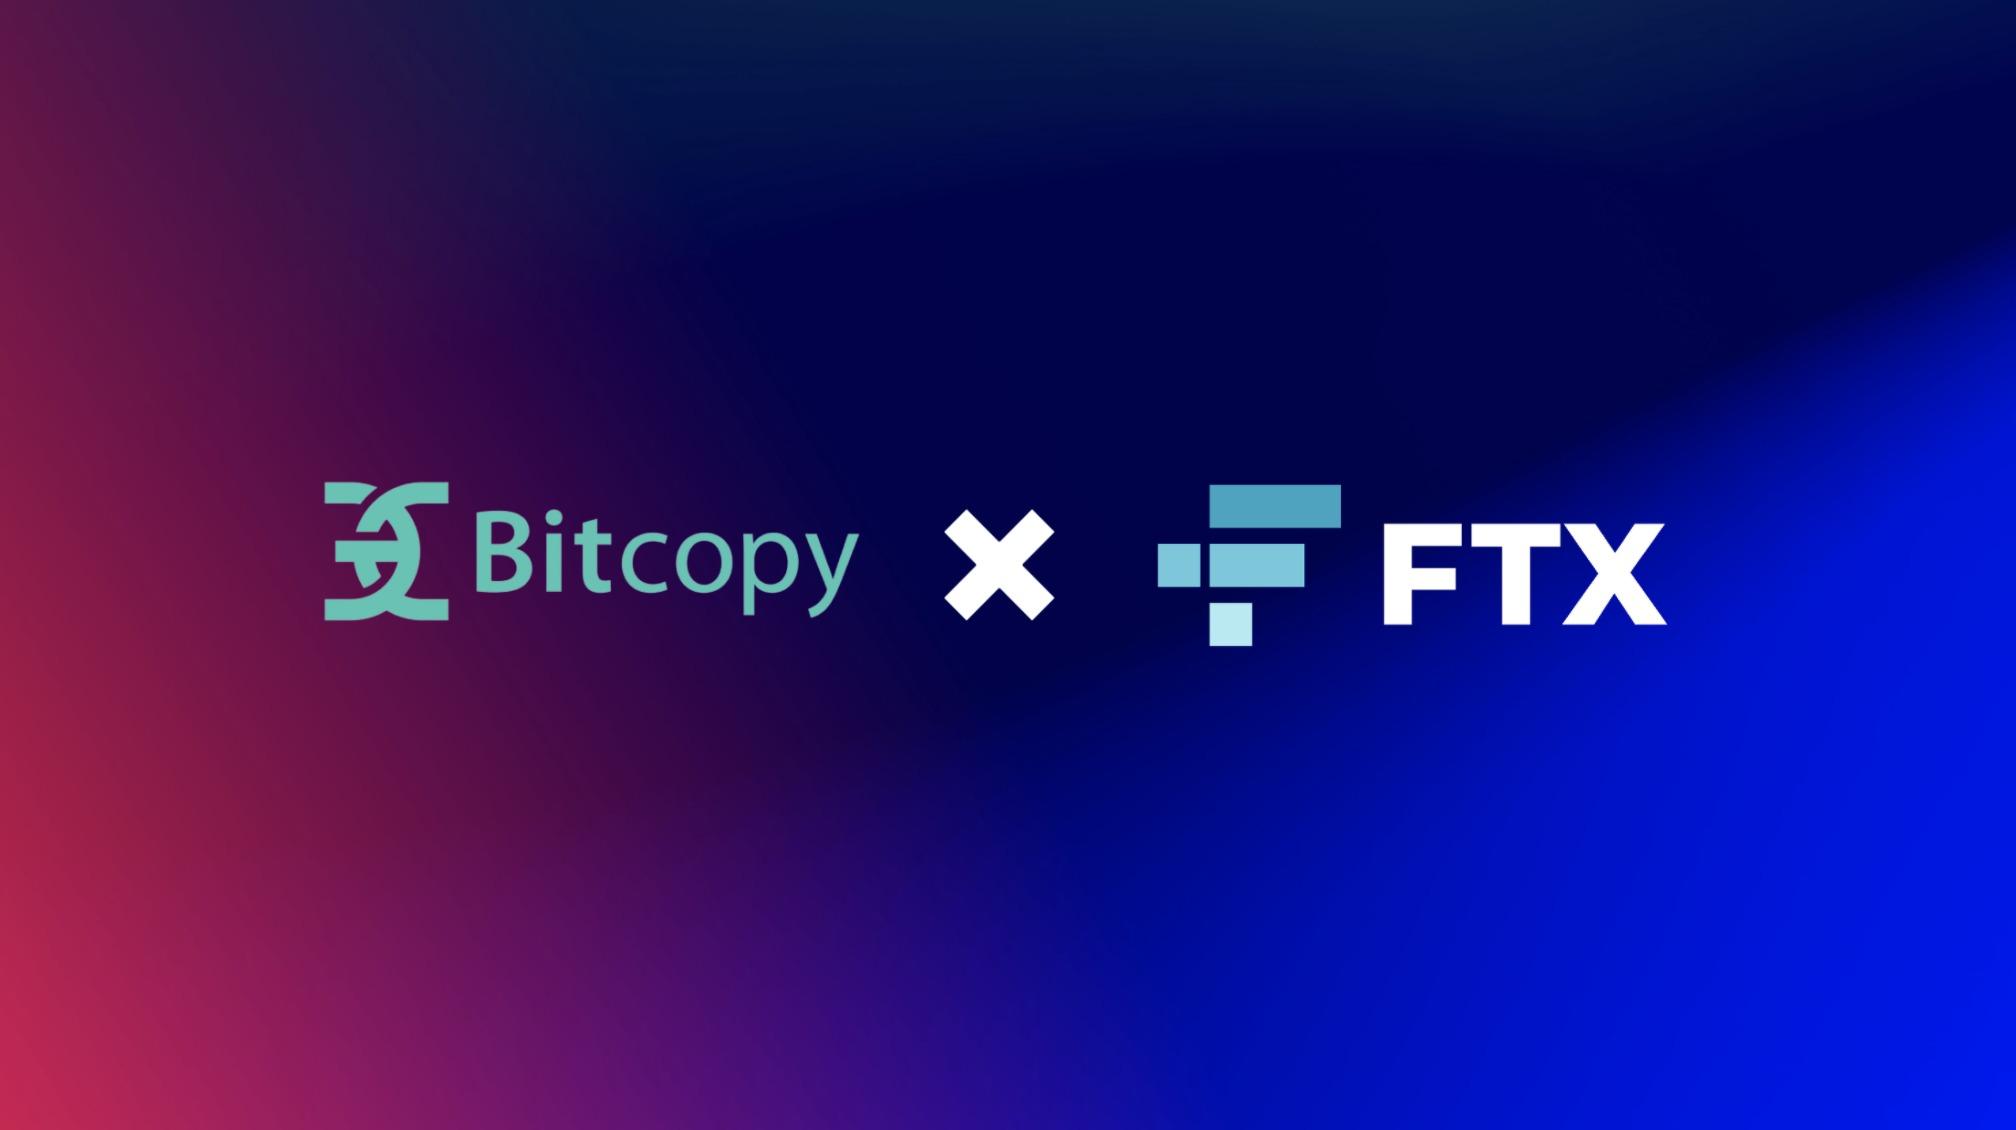 BitCopy(ビットコピー)を利用してFTXでコピートレードをする方法